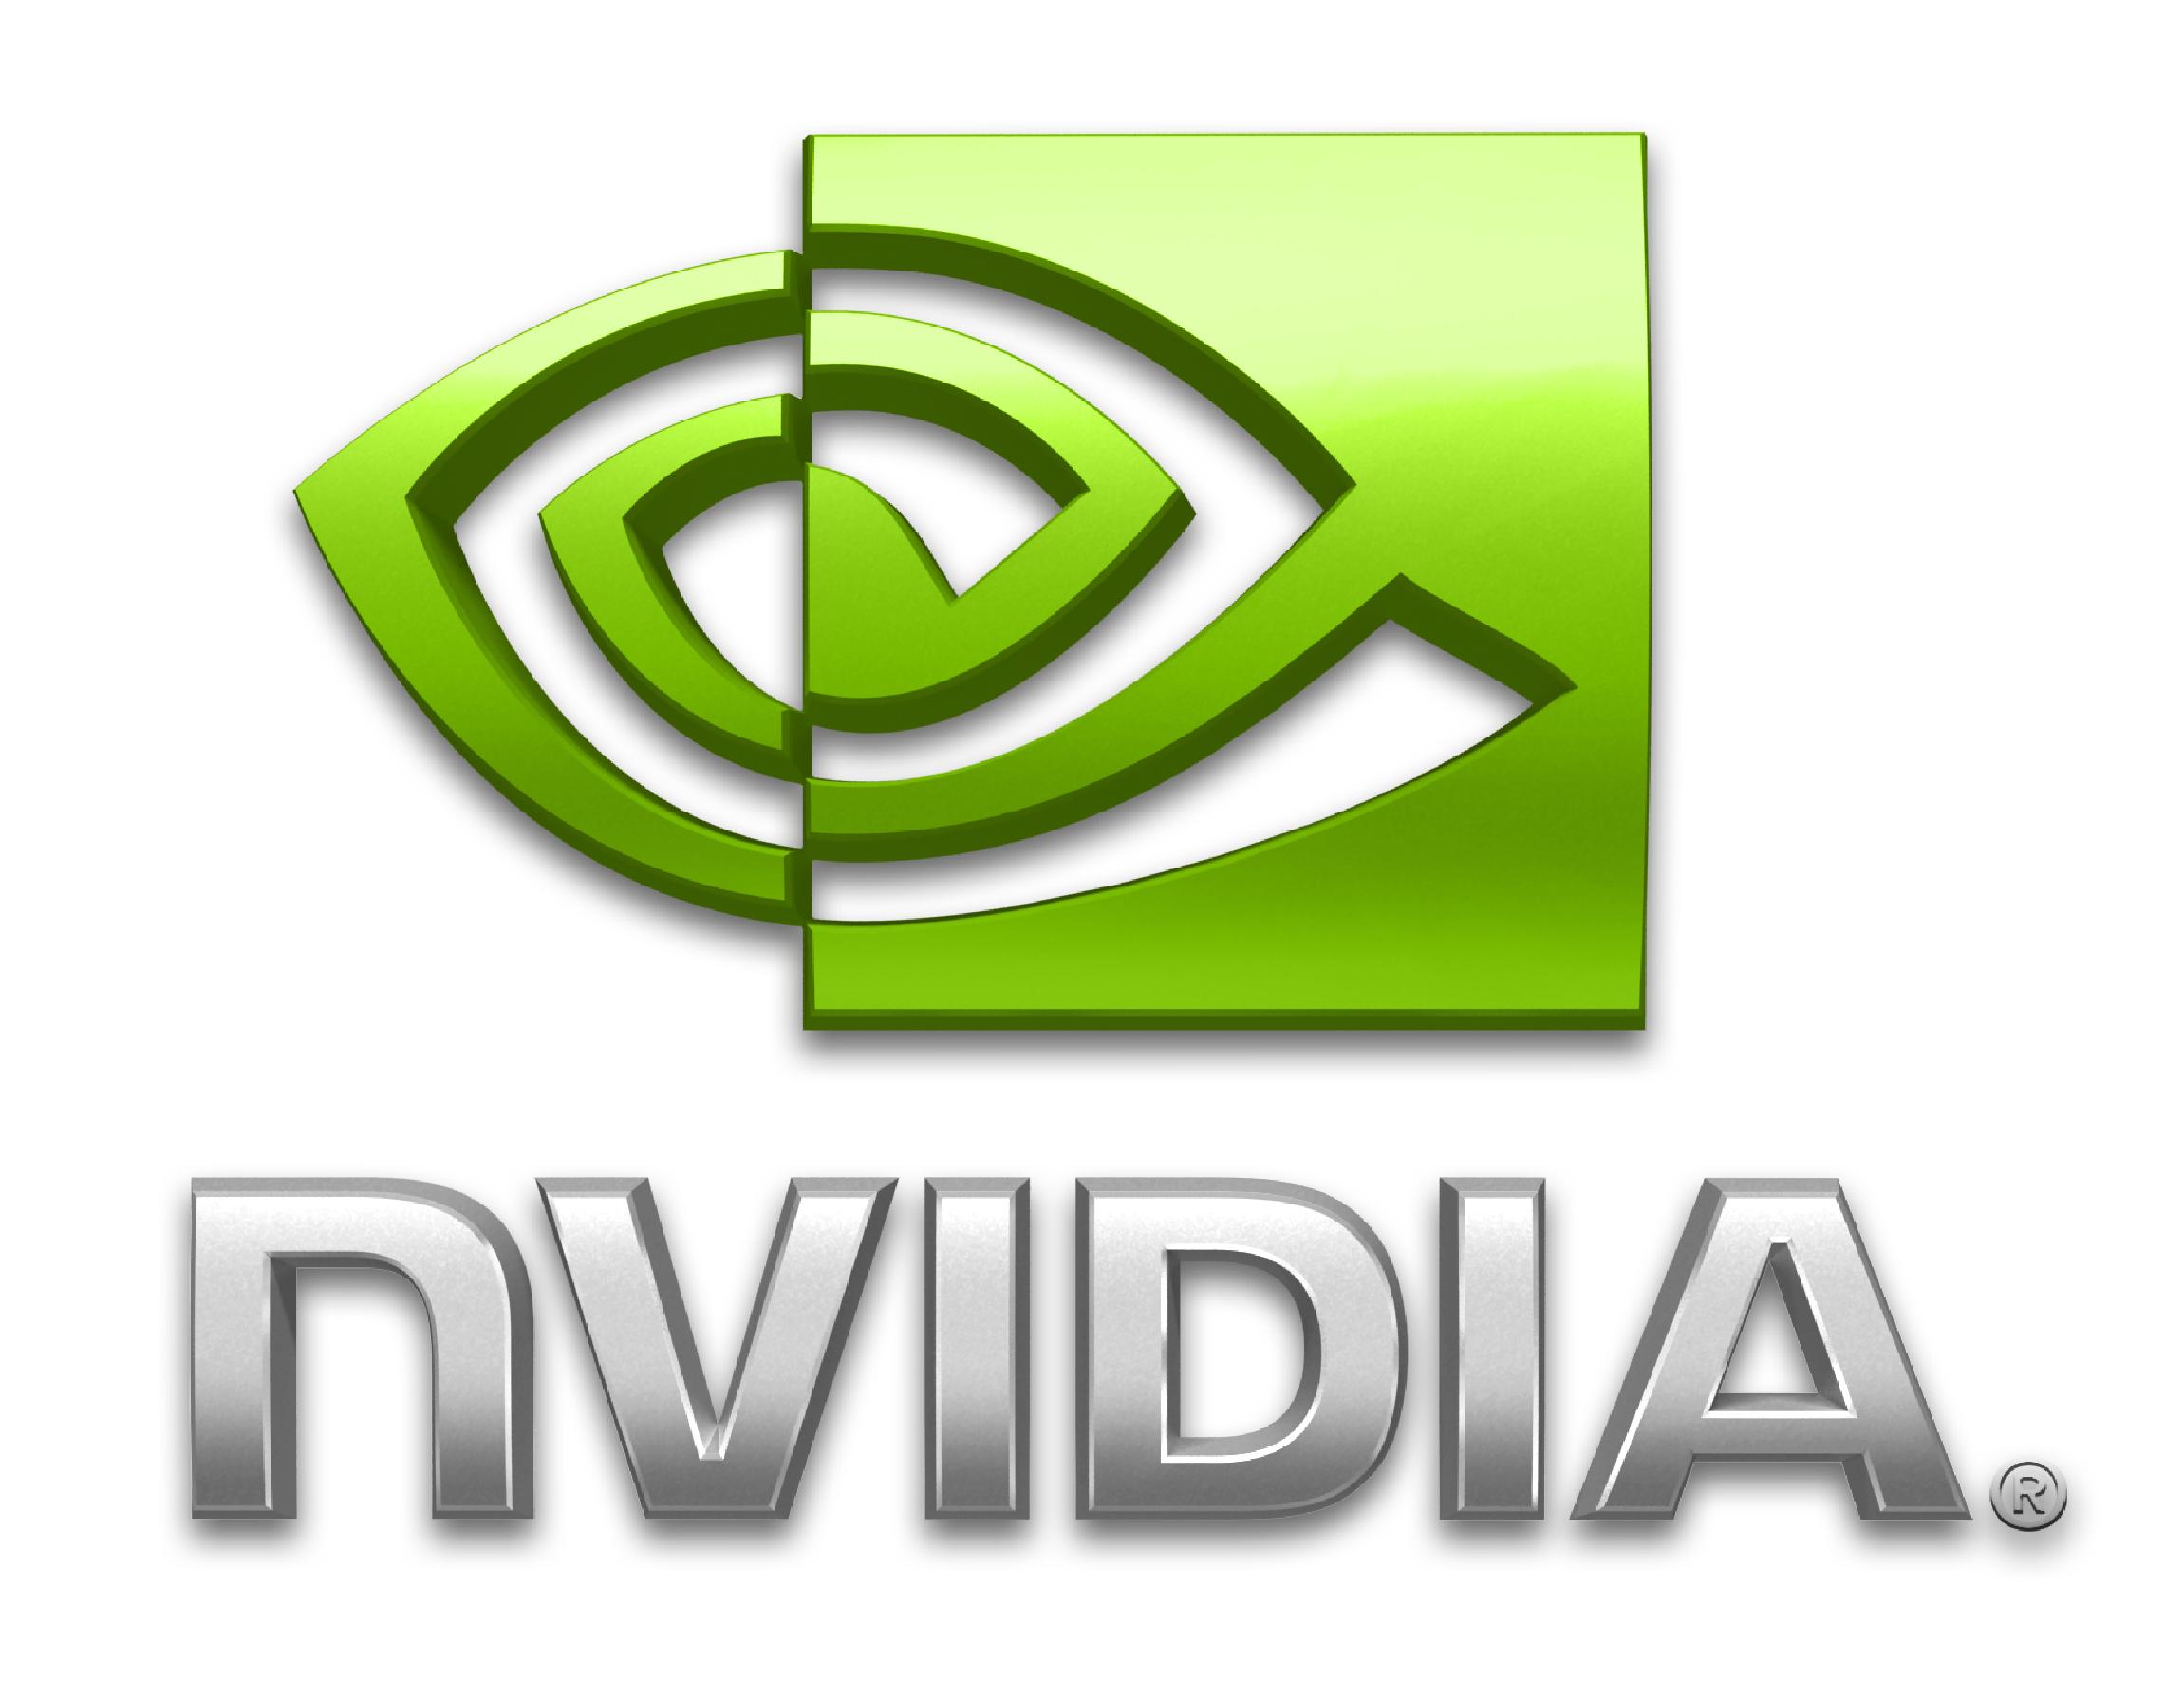 GeForce GTX 980 заимеет 2048 ядер CUDA и будет стоить 600$GeForce GTX 960 поступит в продажу в октяб. - Изображение 1